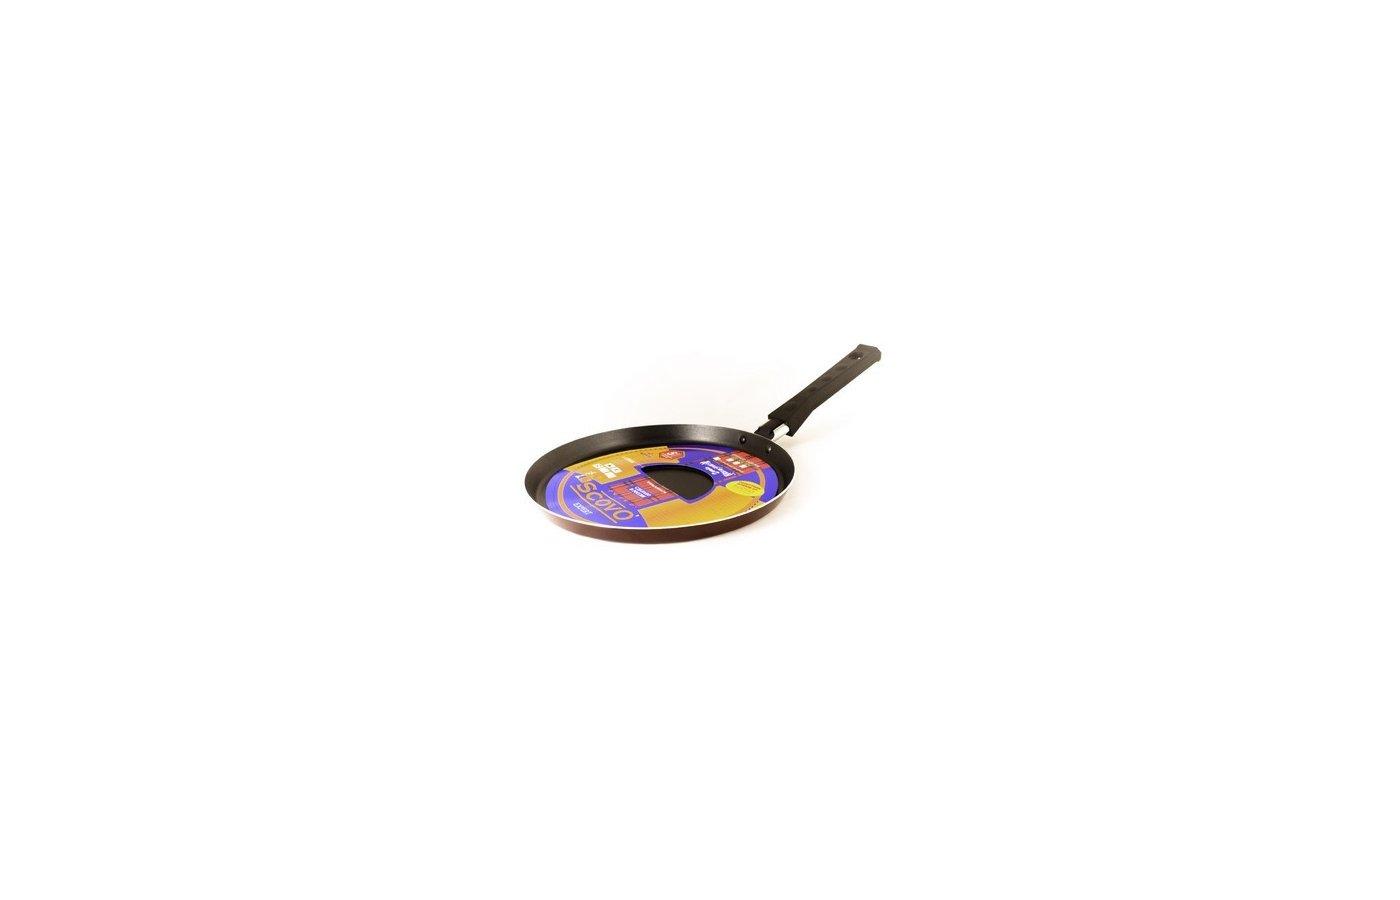 Сковорода для блинов Блинница Д220 PROMO 043